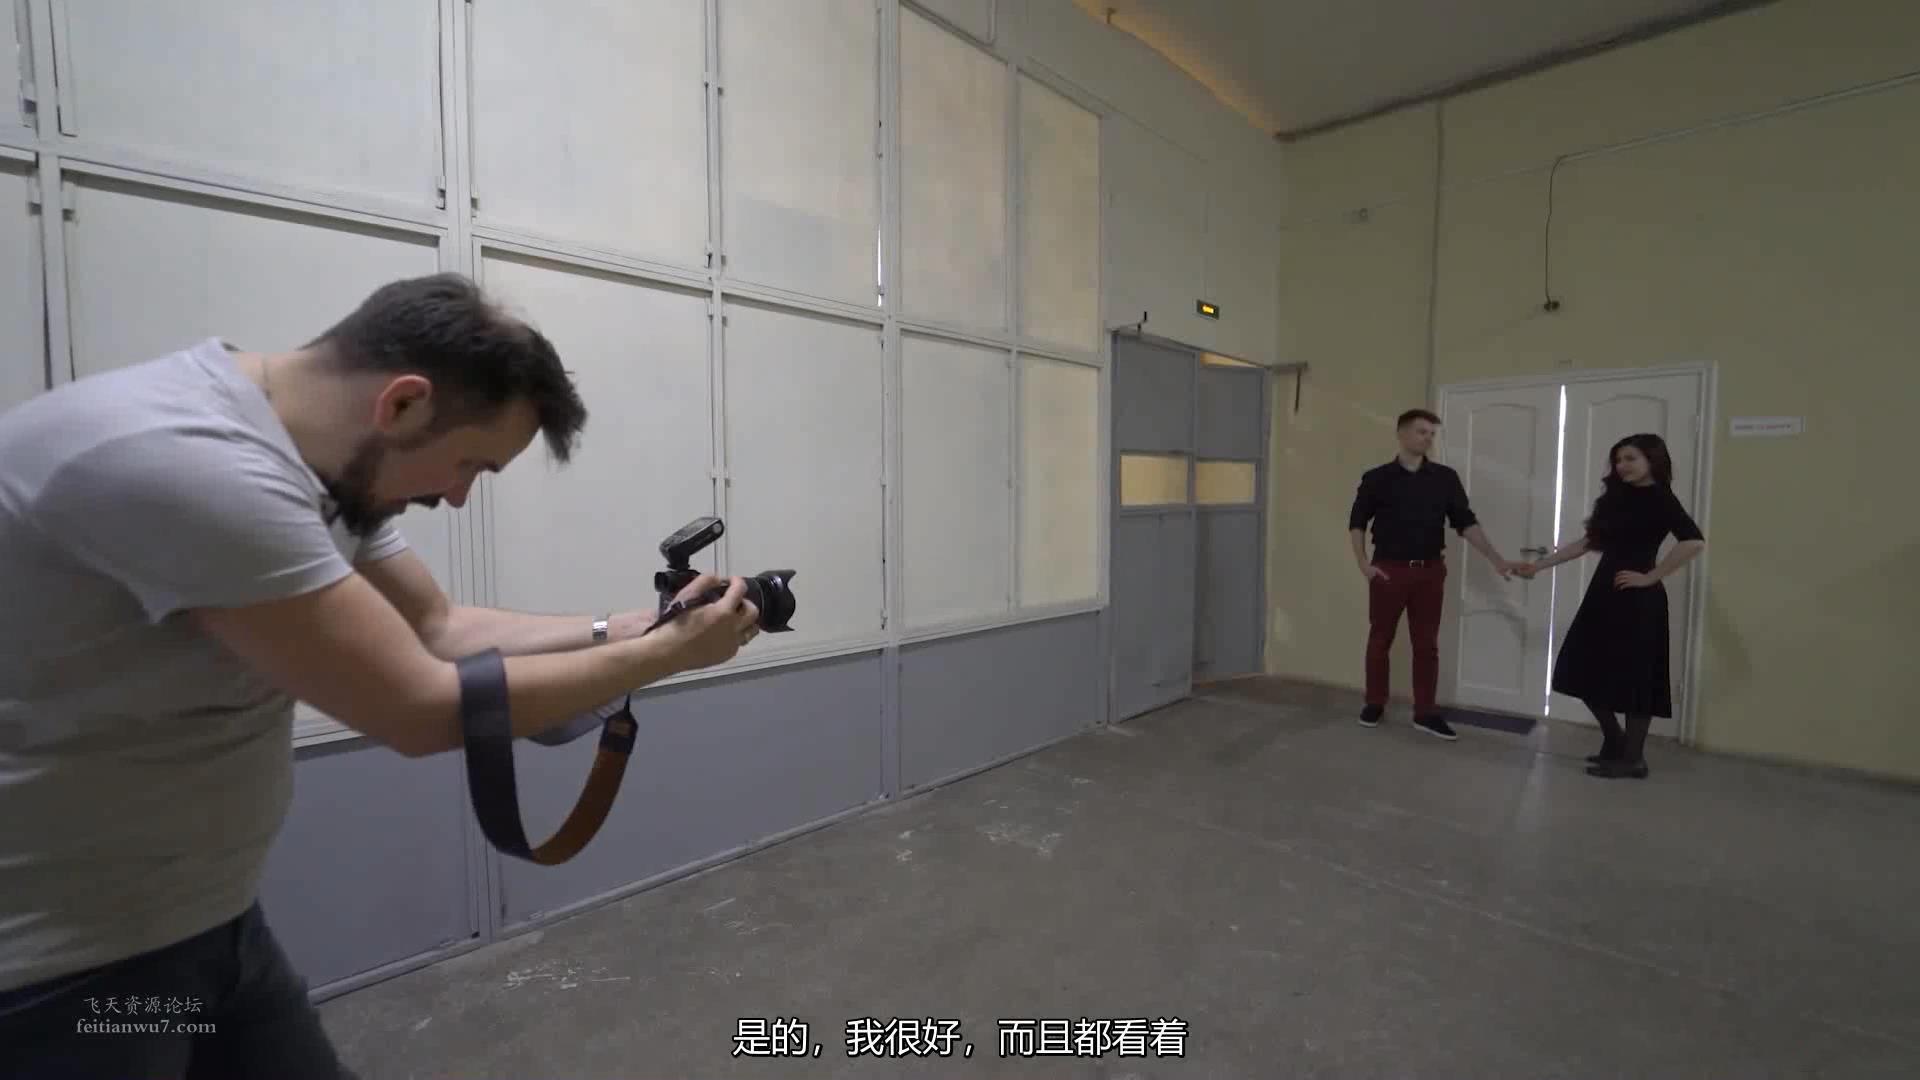 摄影教程_Alexey Gaidin实践30多种人造光闪光灯摄影布光教程-中文字幕 摄影教程 _预览图15